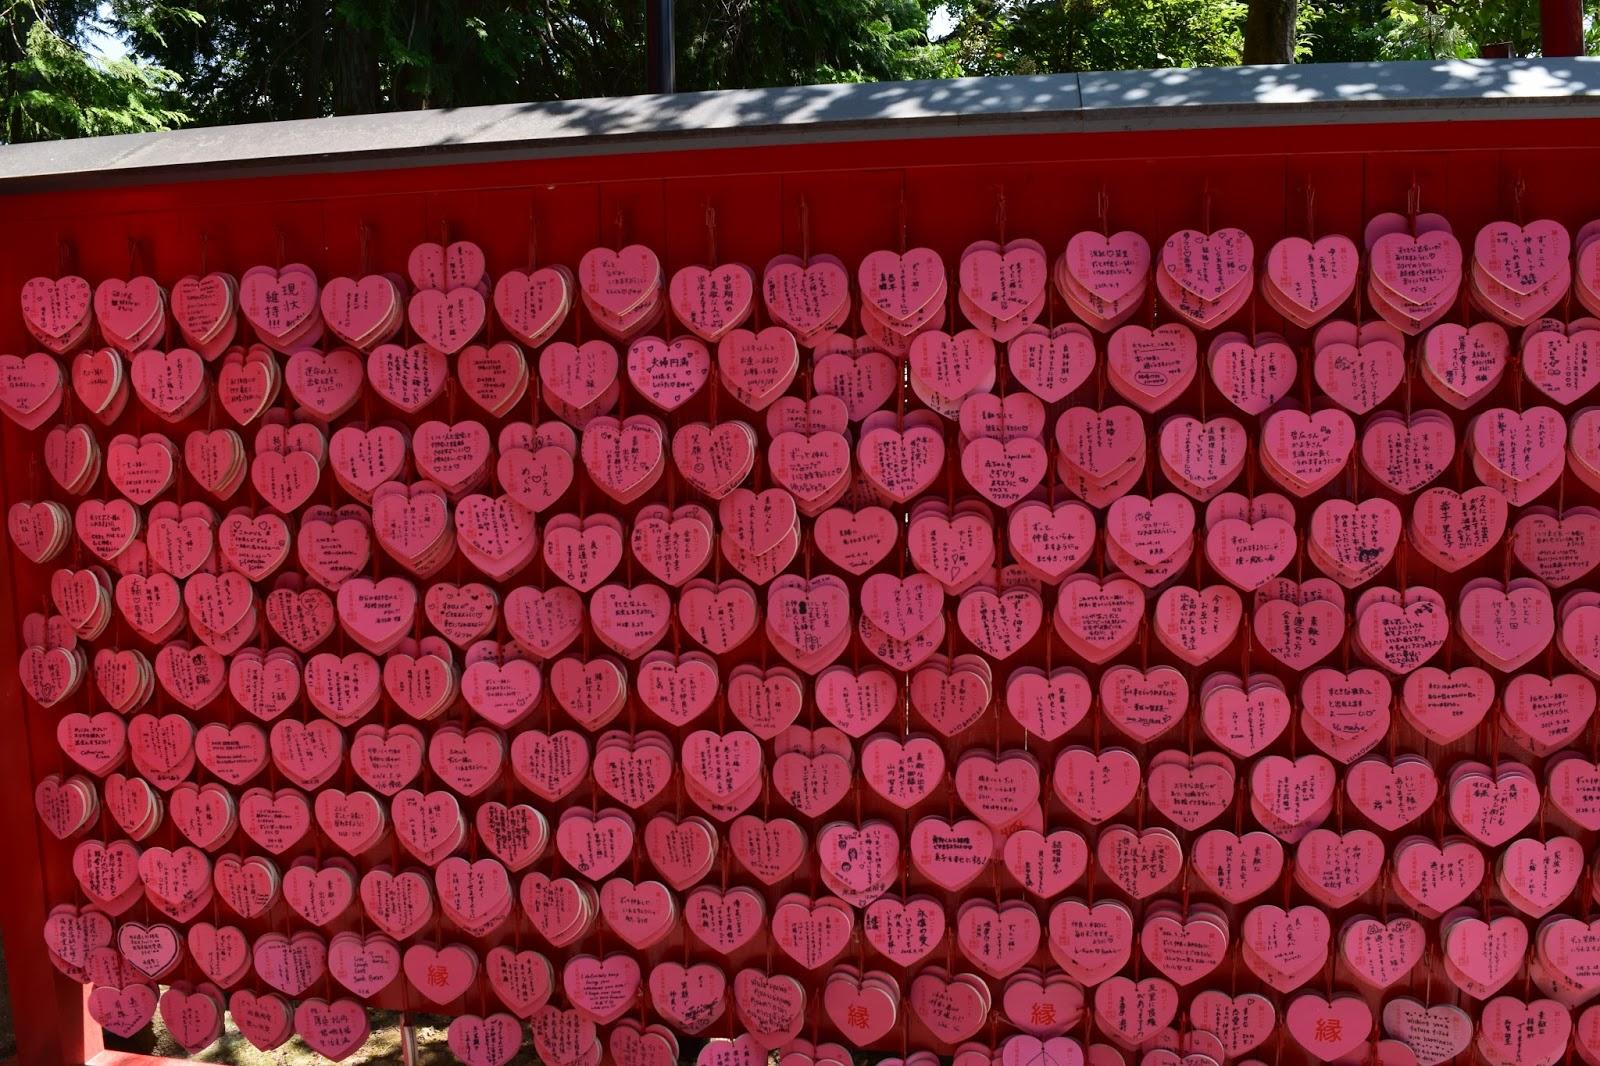 Sankou Inari Jinja love heart Ema